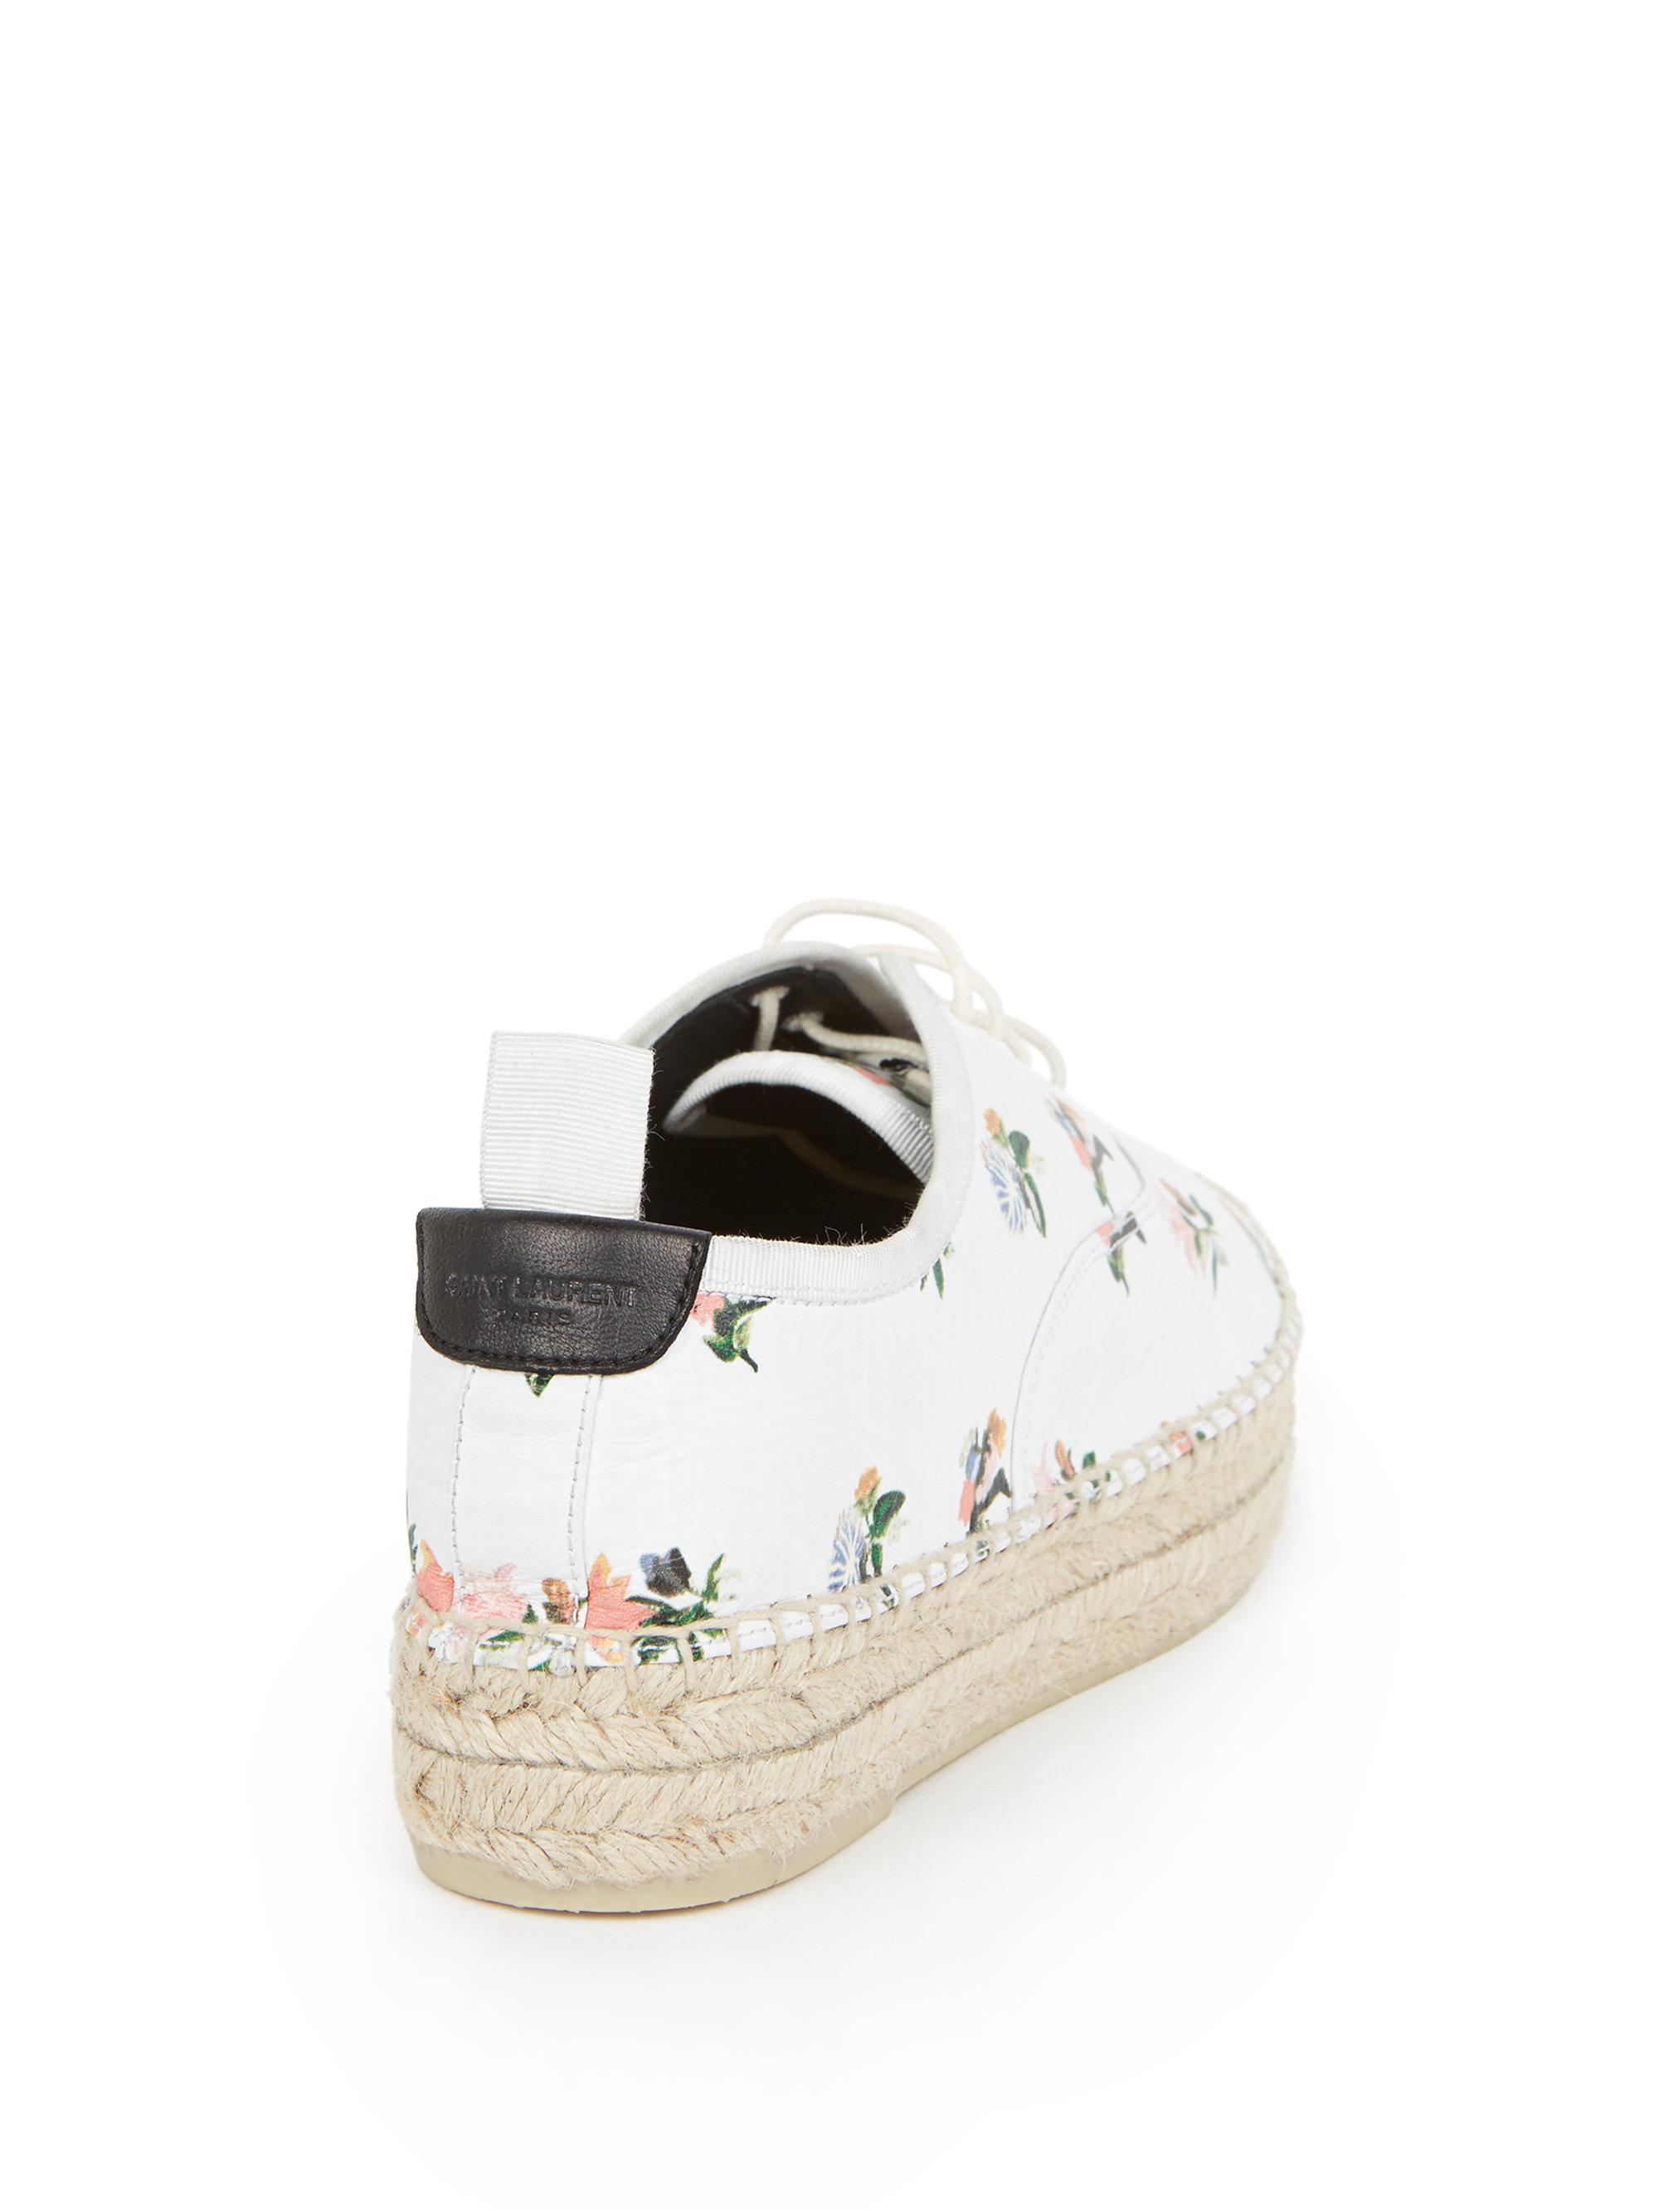 Lyst - Saint Laurent Floral Leather Espadrille Platform Sneakers 32a5b181d606